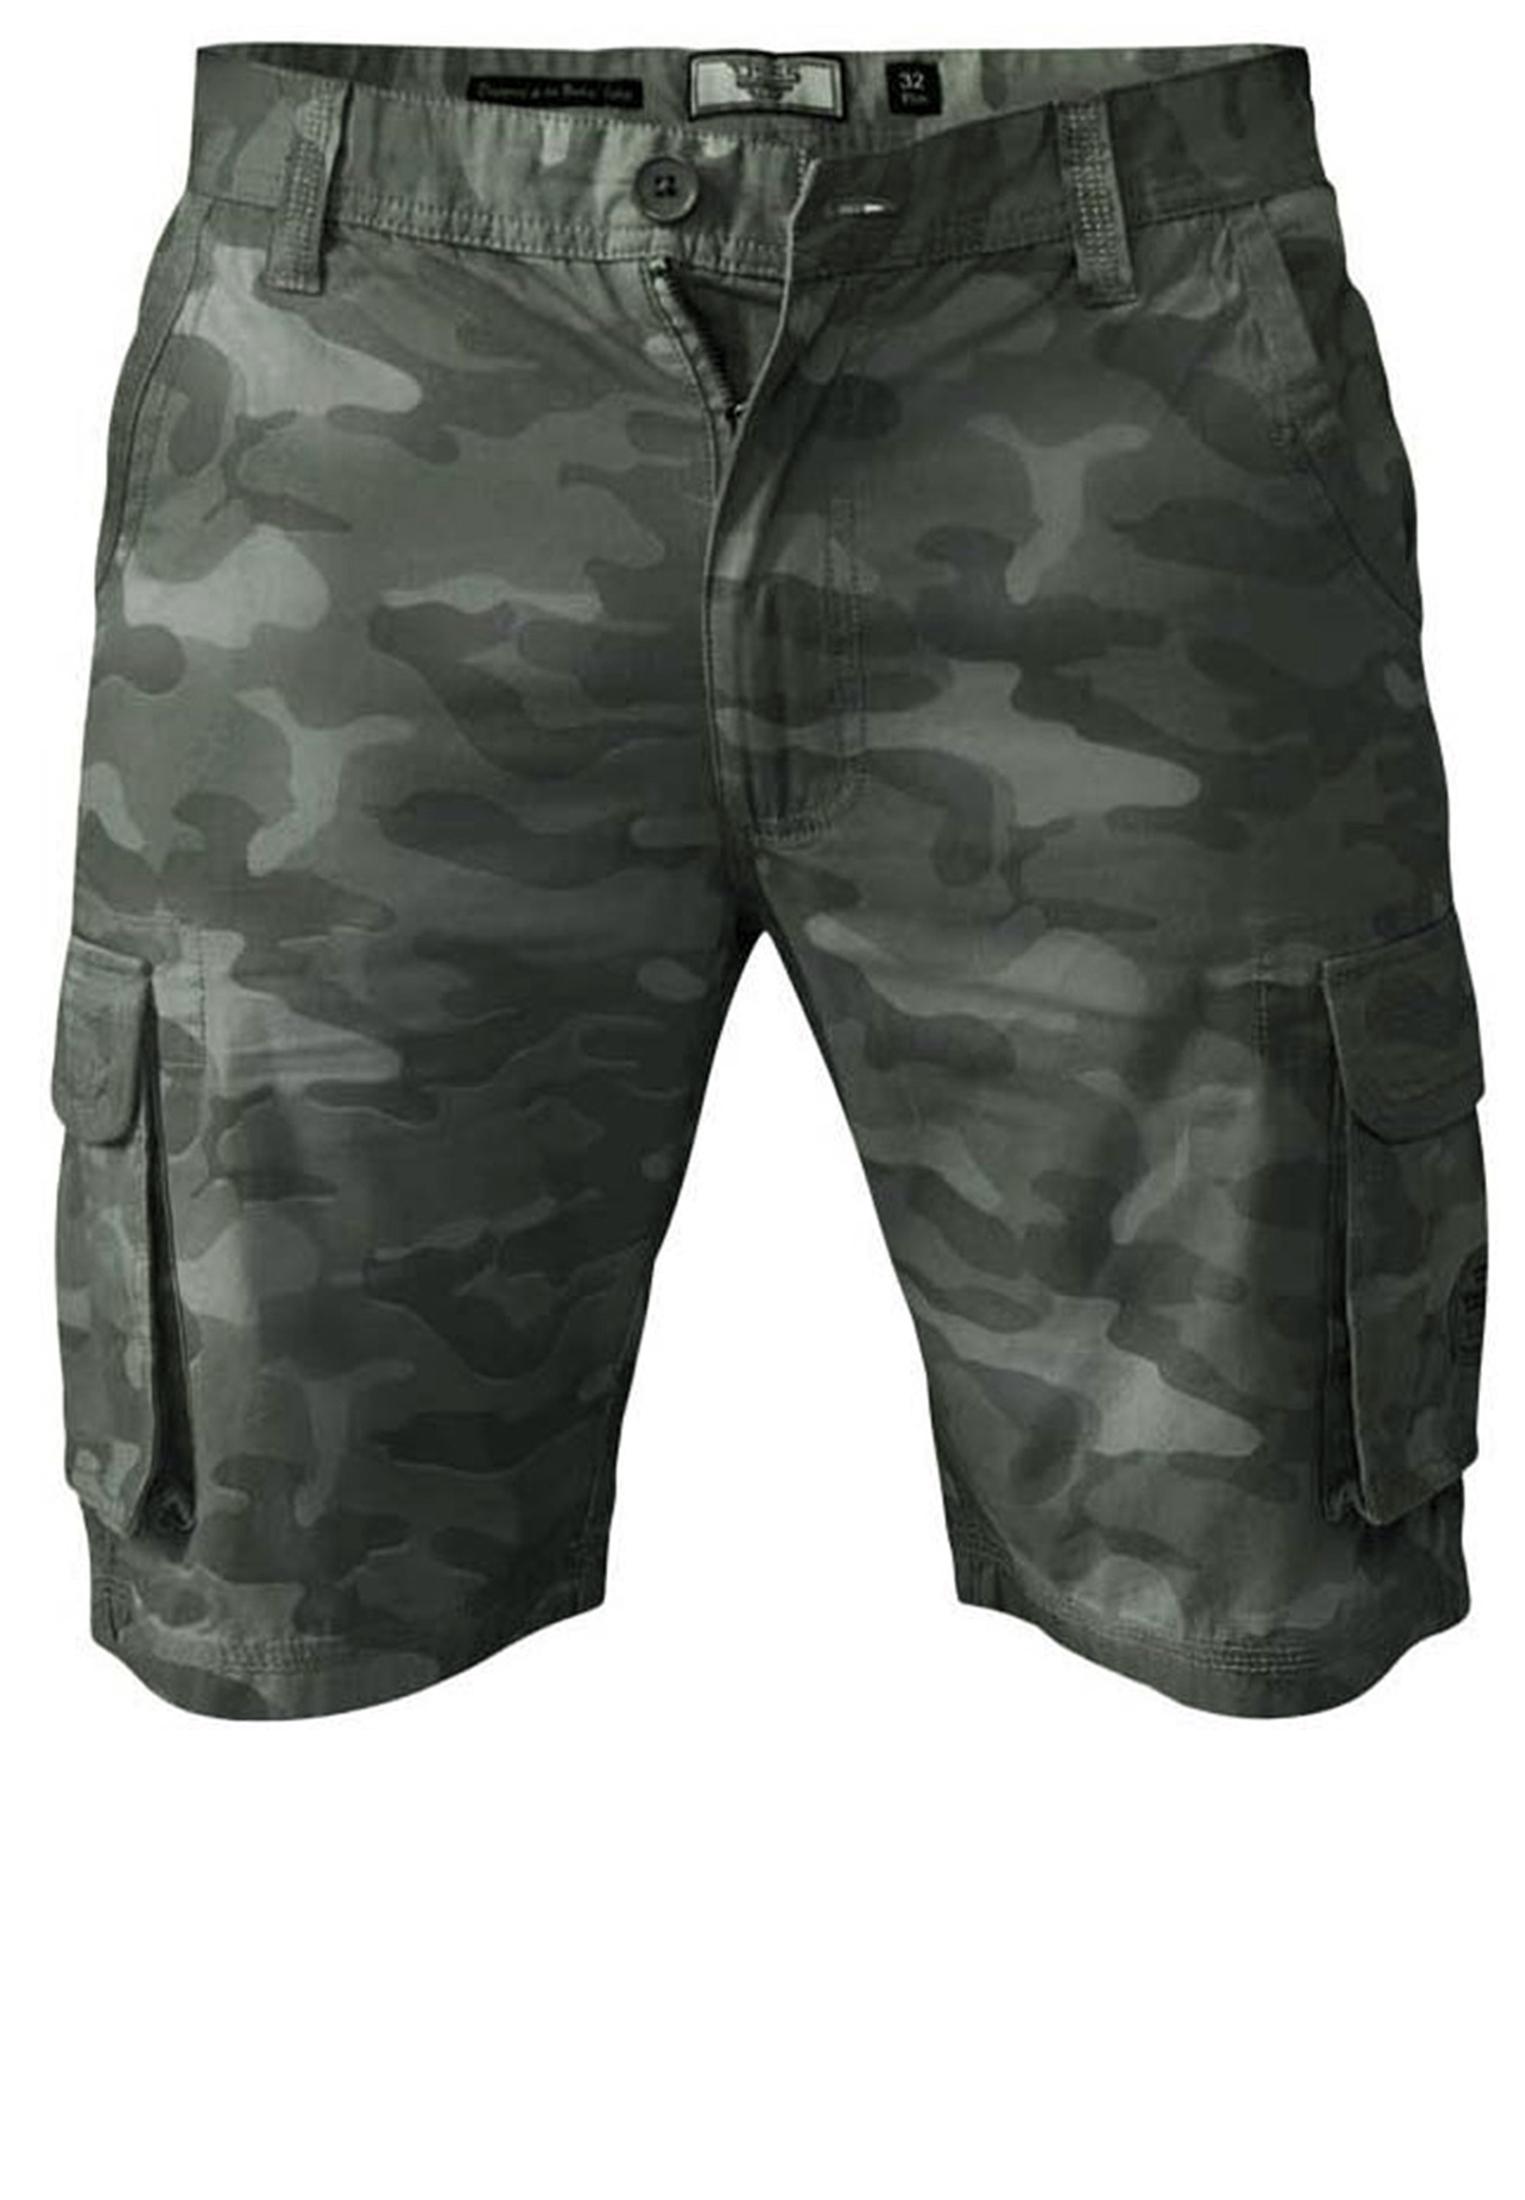 Stoere Khaki Cargo shorts van D555 met camouflage print. Gemaakt van een luchtige katoenen stof met twee open steekzakken, twee zijzakken en twee achterzakken met drukknoopsluiting. Door de details zoals de canvas afwerkingen en de leren patch krijgt deze broek een heel stoer uiterlijk. Een echte musthave voor deze zomer!